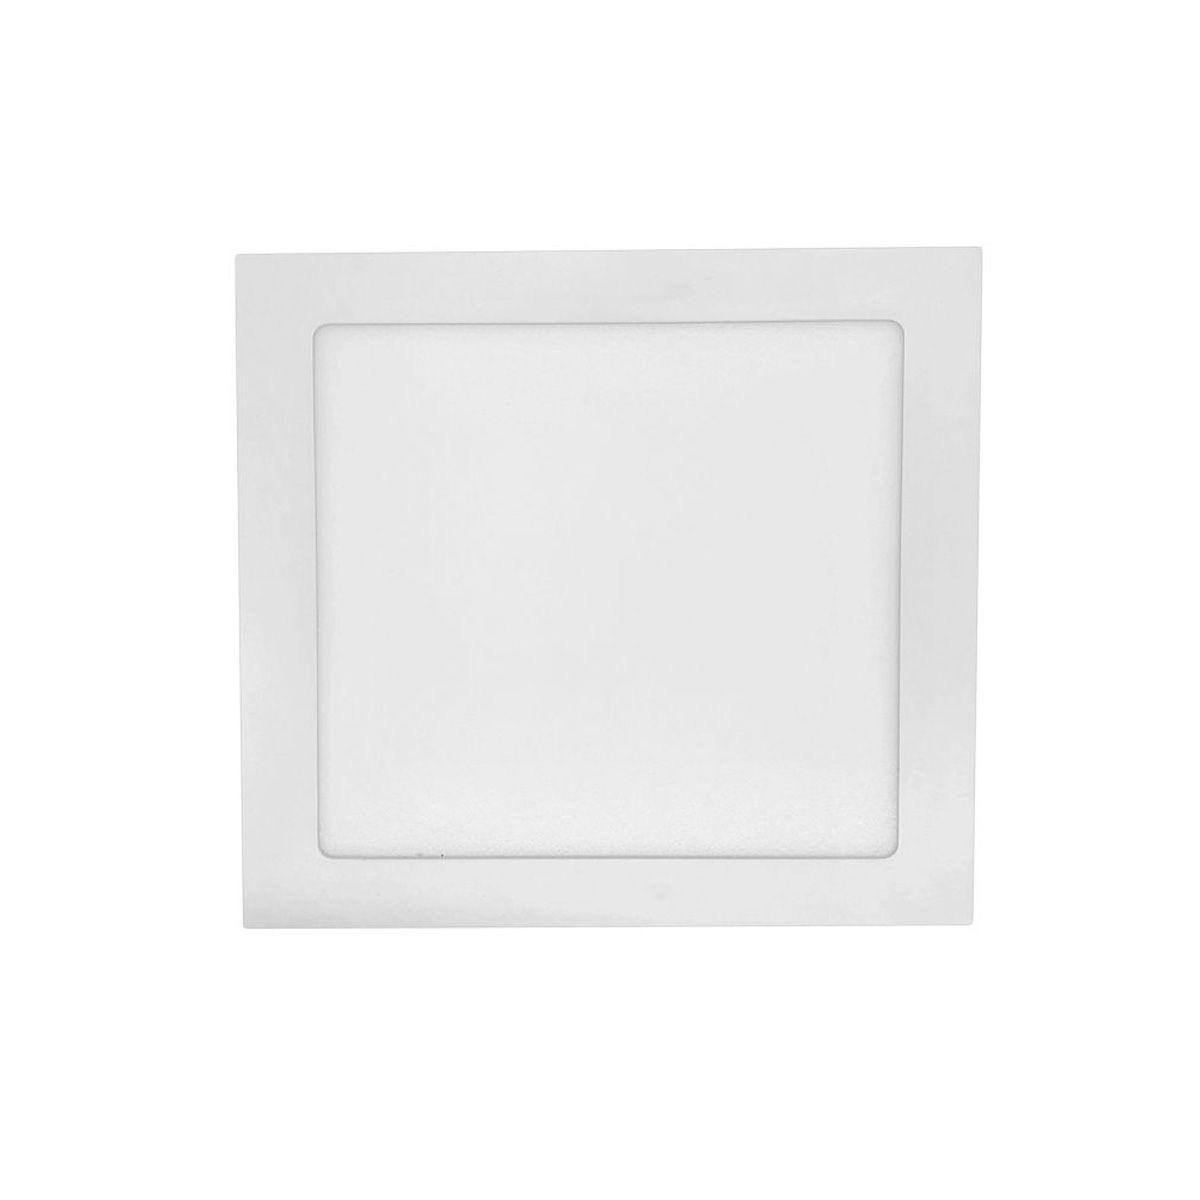 Painel LED de Embutir Quadrado 18W 2700K Bivolt OUROLUX